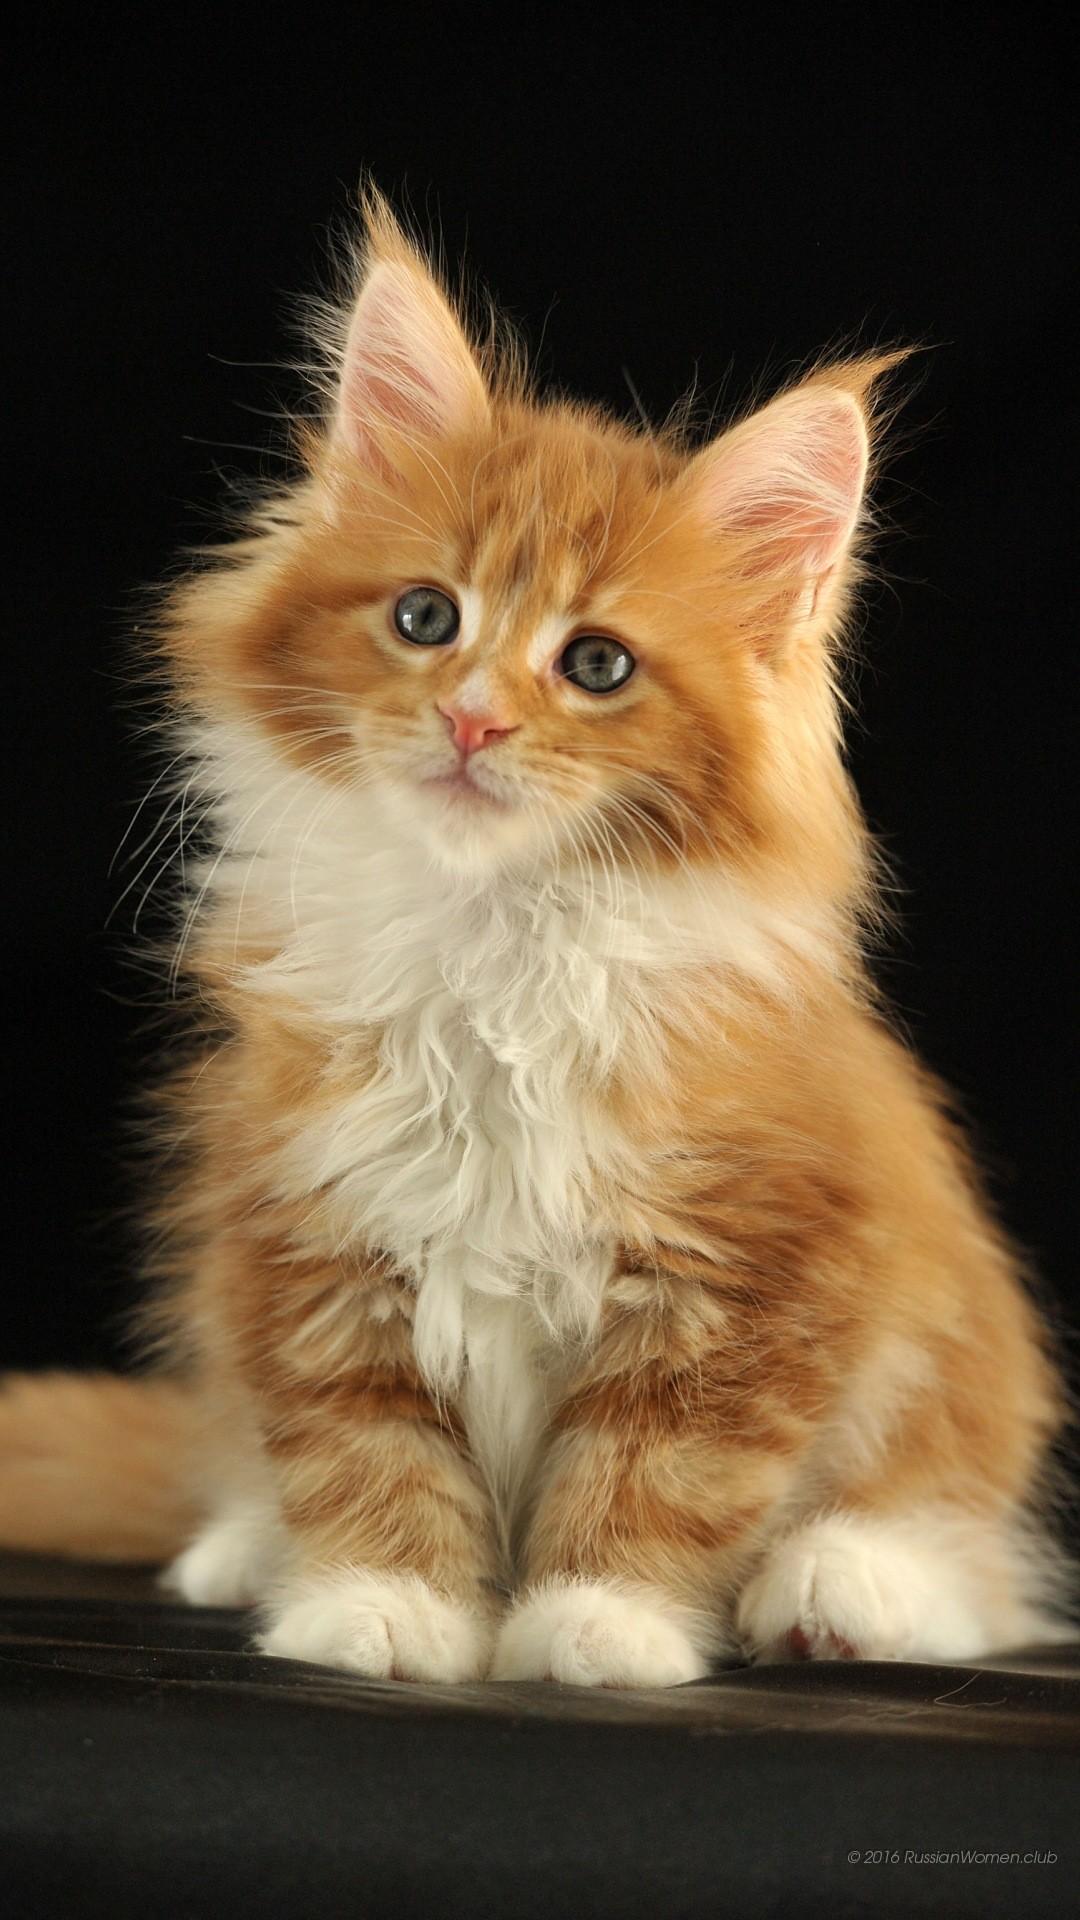 Gattini sfondi 73 immagini for Sfondi cellulare full hd